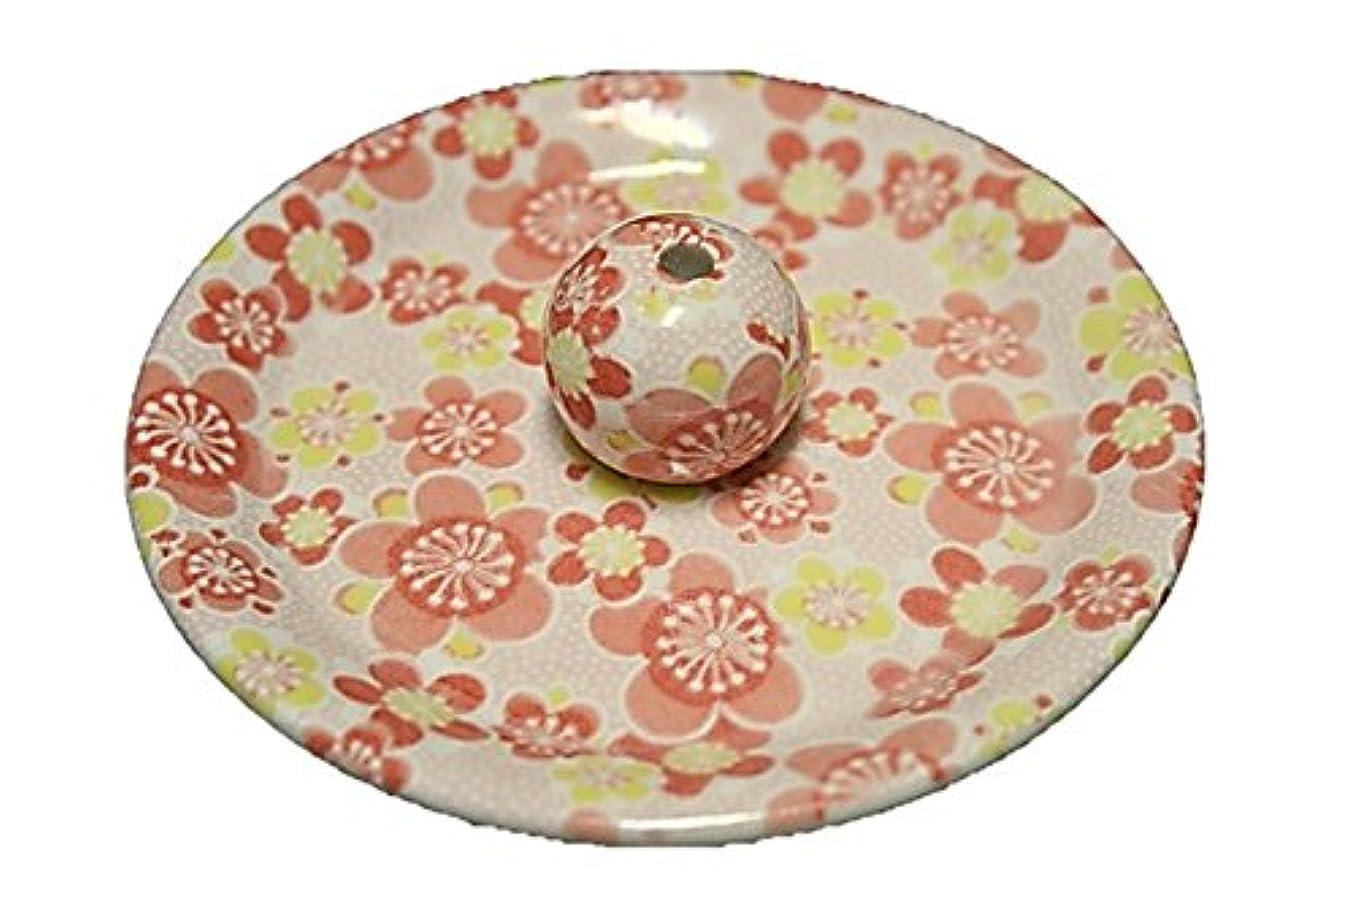 悪性の予言する追い払う9-42 小春 9cm香皿 お香立て お香たて 陶器 日本製 製造?直売品